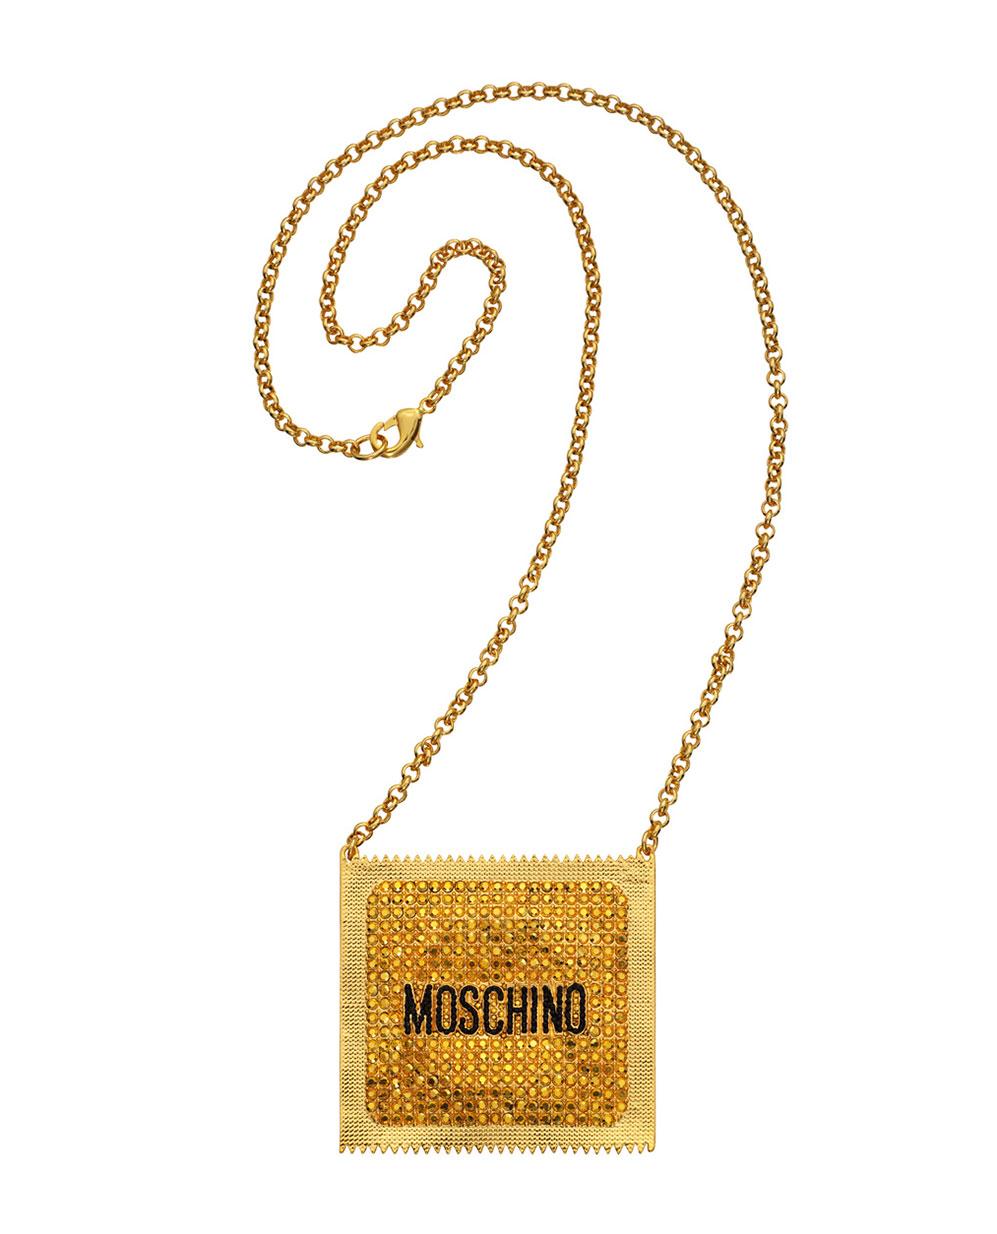 Halsband i guld med kondomförpackning som berlock H&M x Moschino